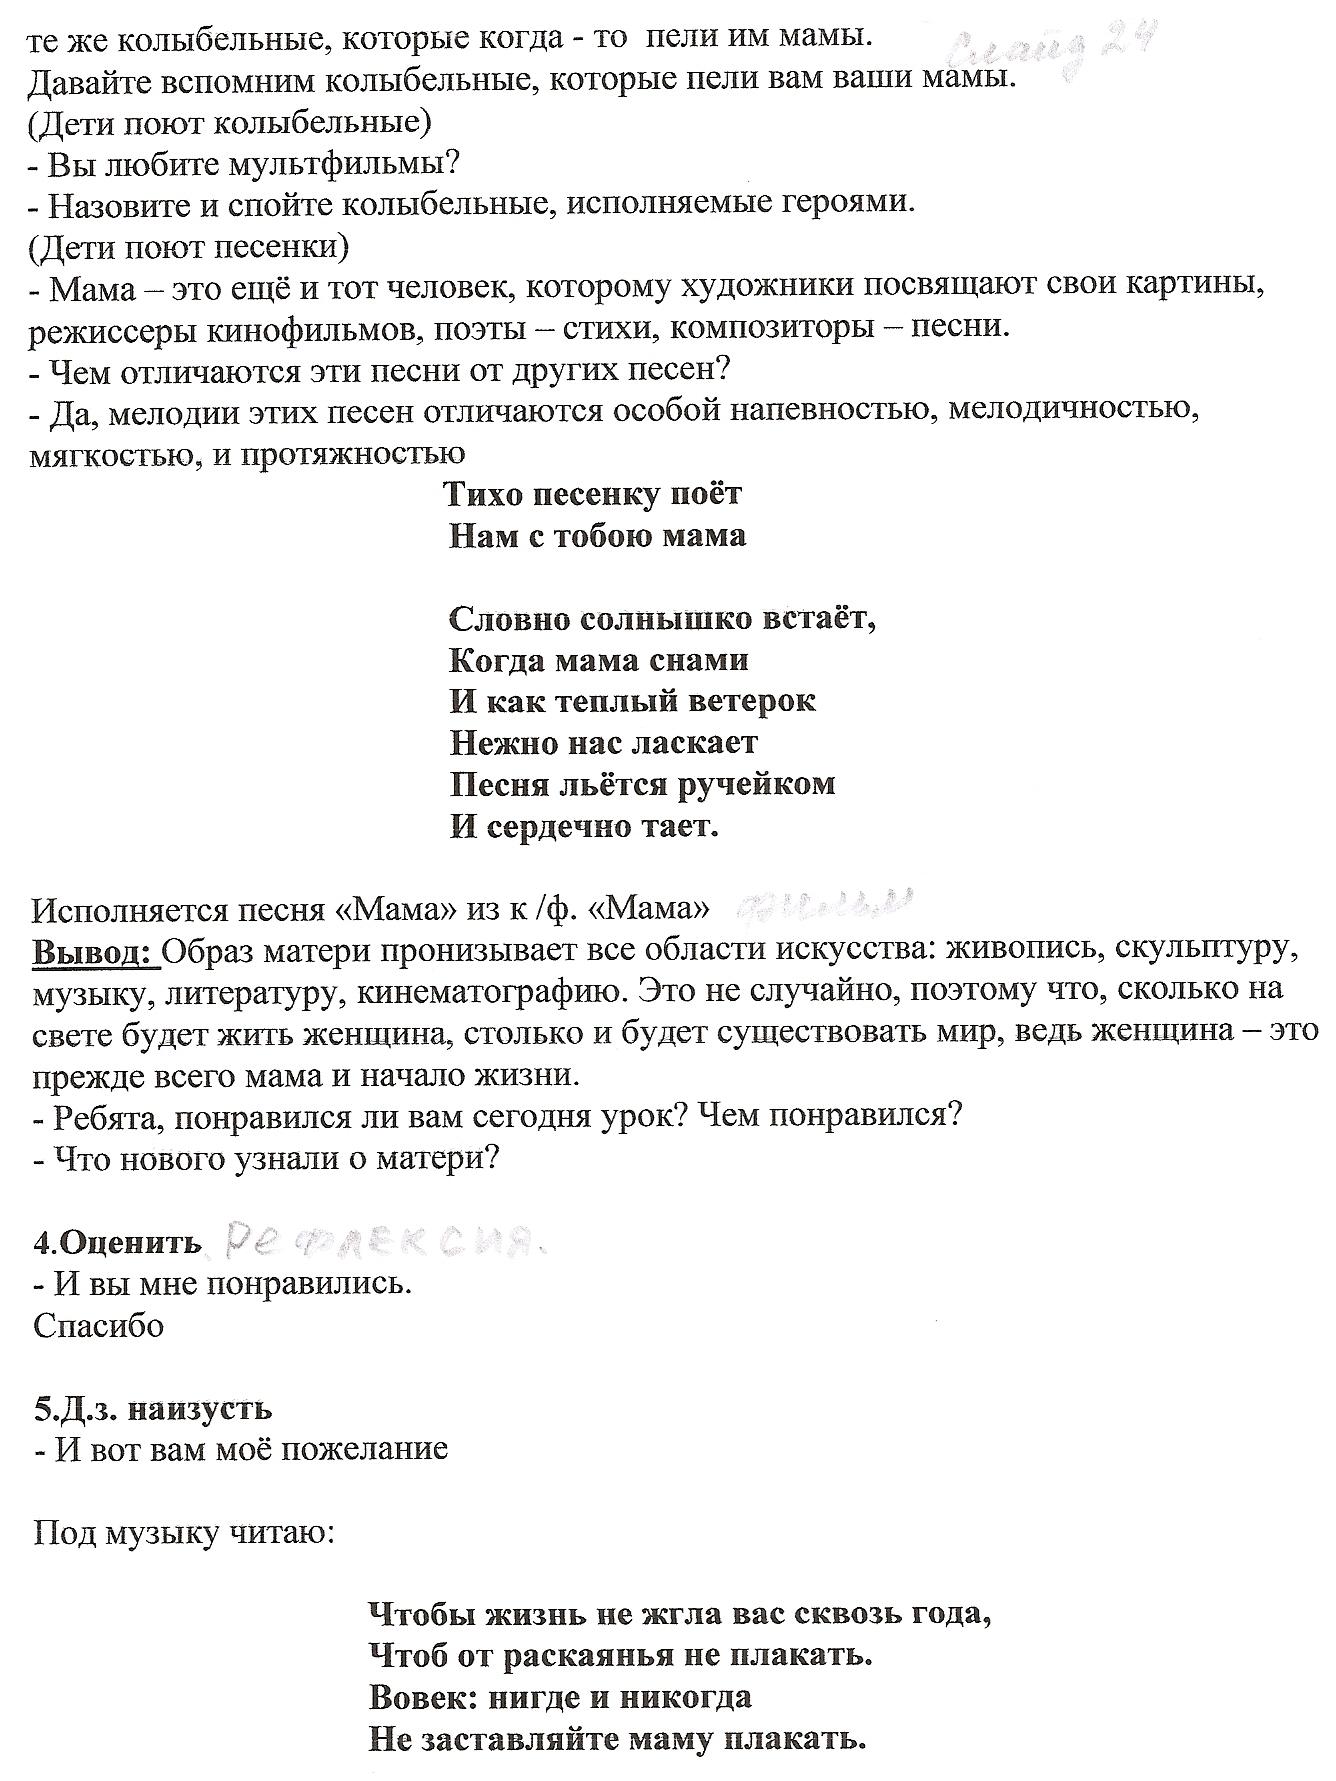 C:\Users\Сергей\Pictures\Мои сканированные изображения\сканирование0047.jpg